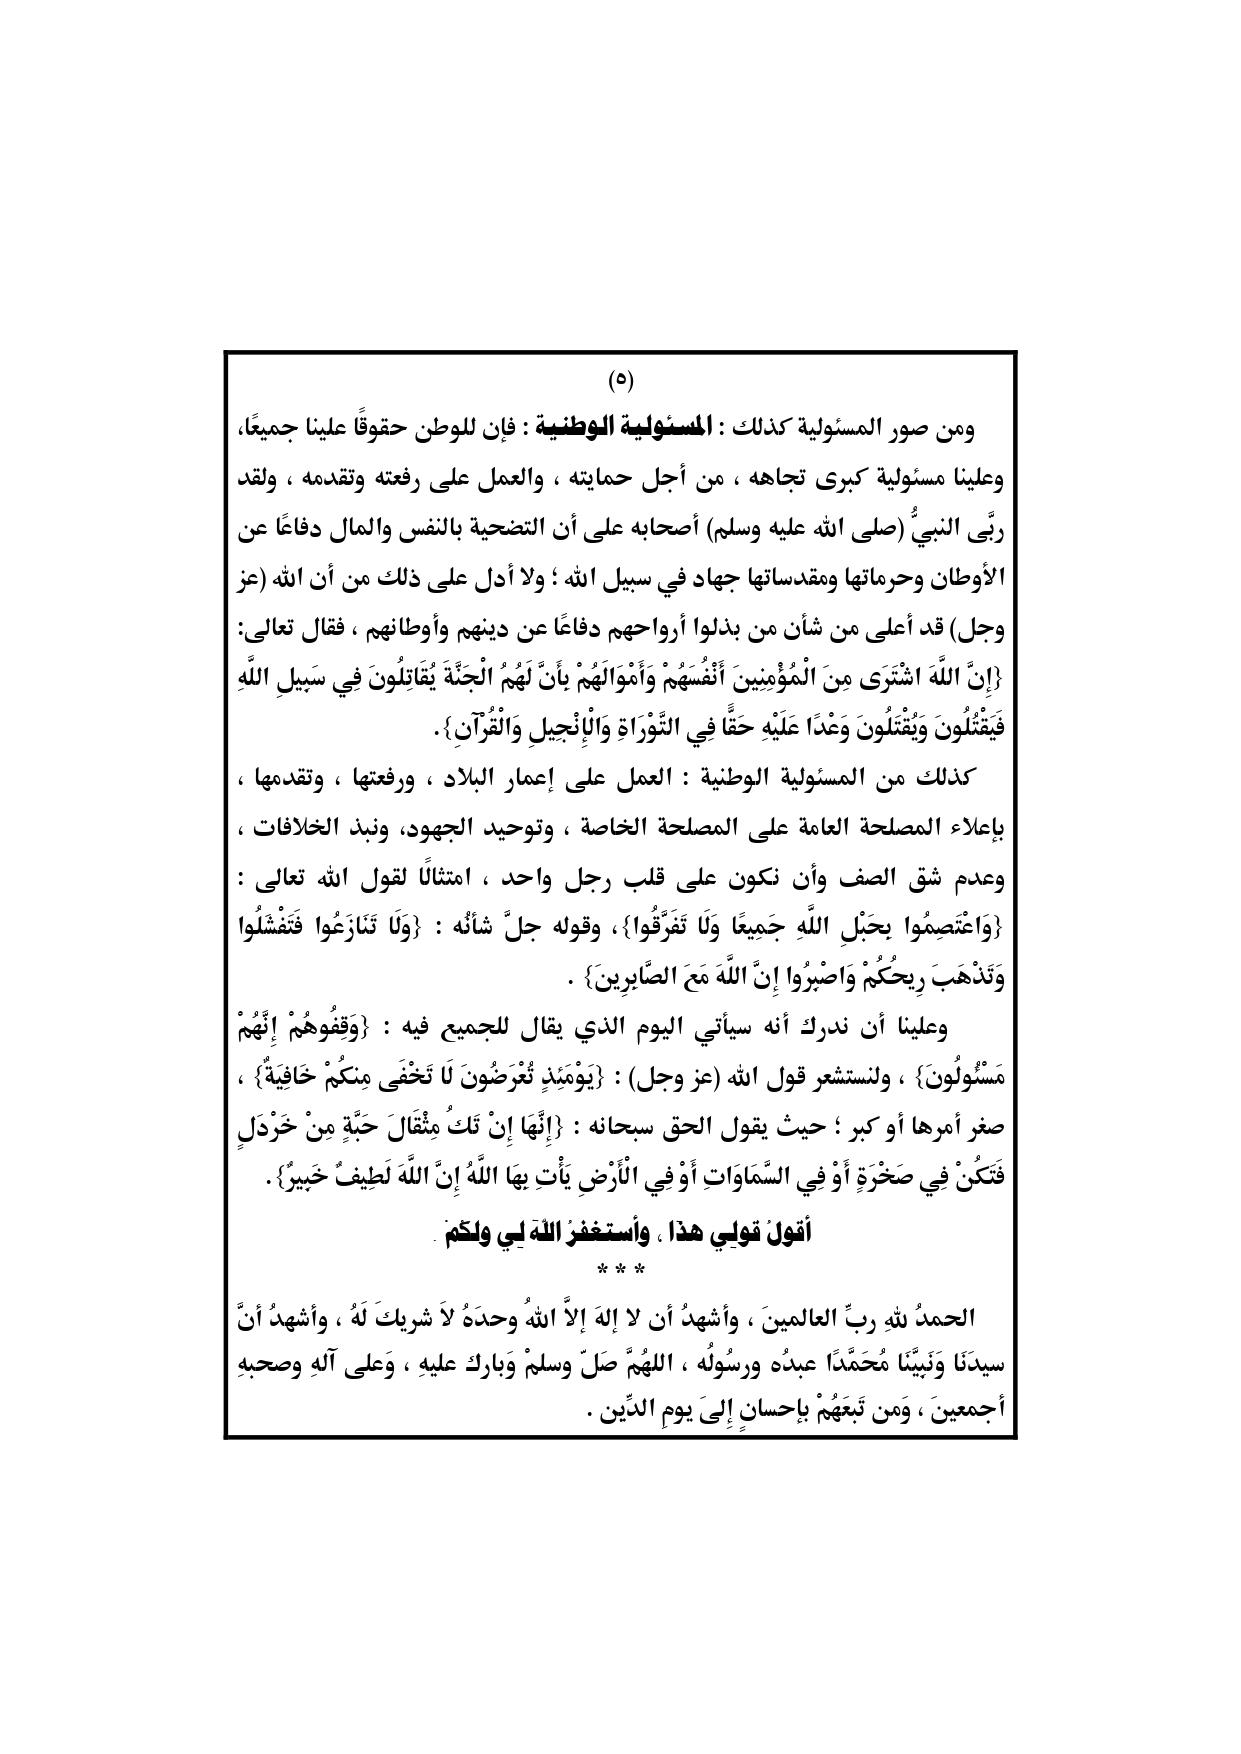 خطبة الجمعة القادمة لوزارة الأوقاف المصرية 5/4/2019 ، خطبة وزارة الأوقاف، المسئولية في الإسلام